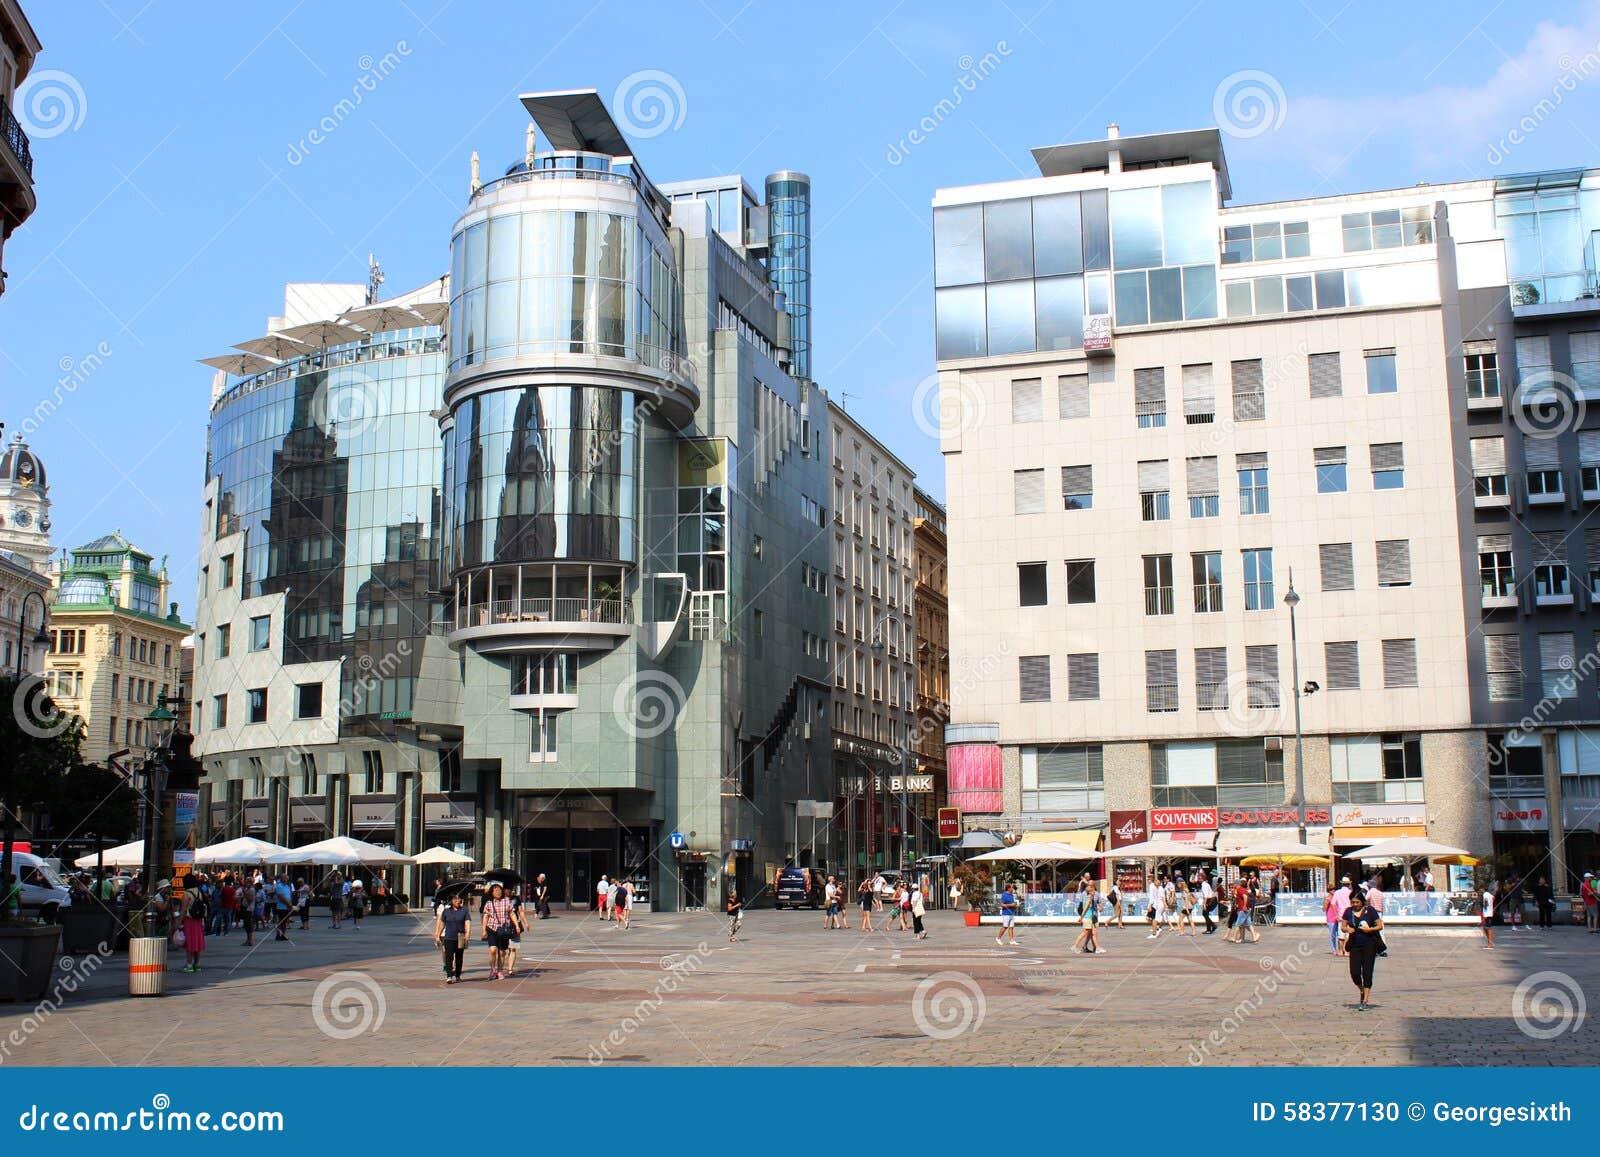 H tel faites et de co stephansplatz vienne autriche for Boutique hotel vienne autriche